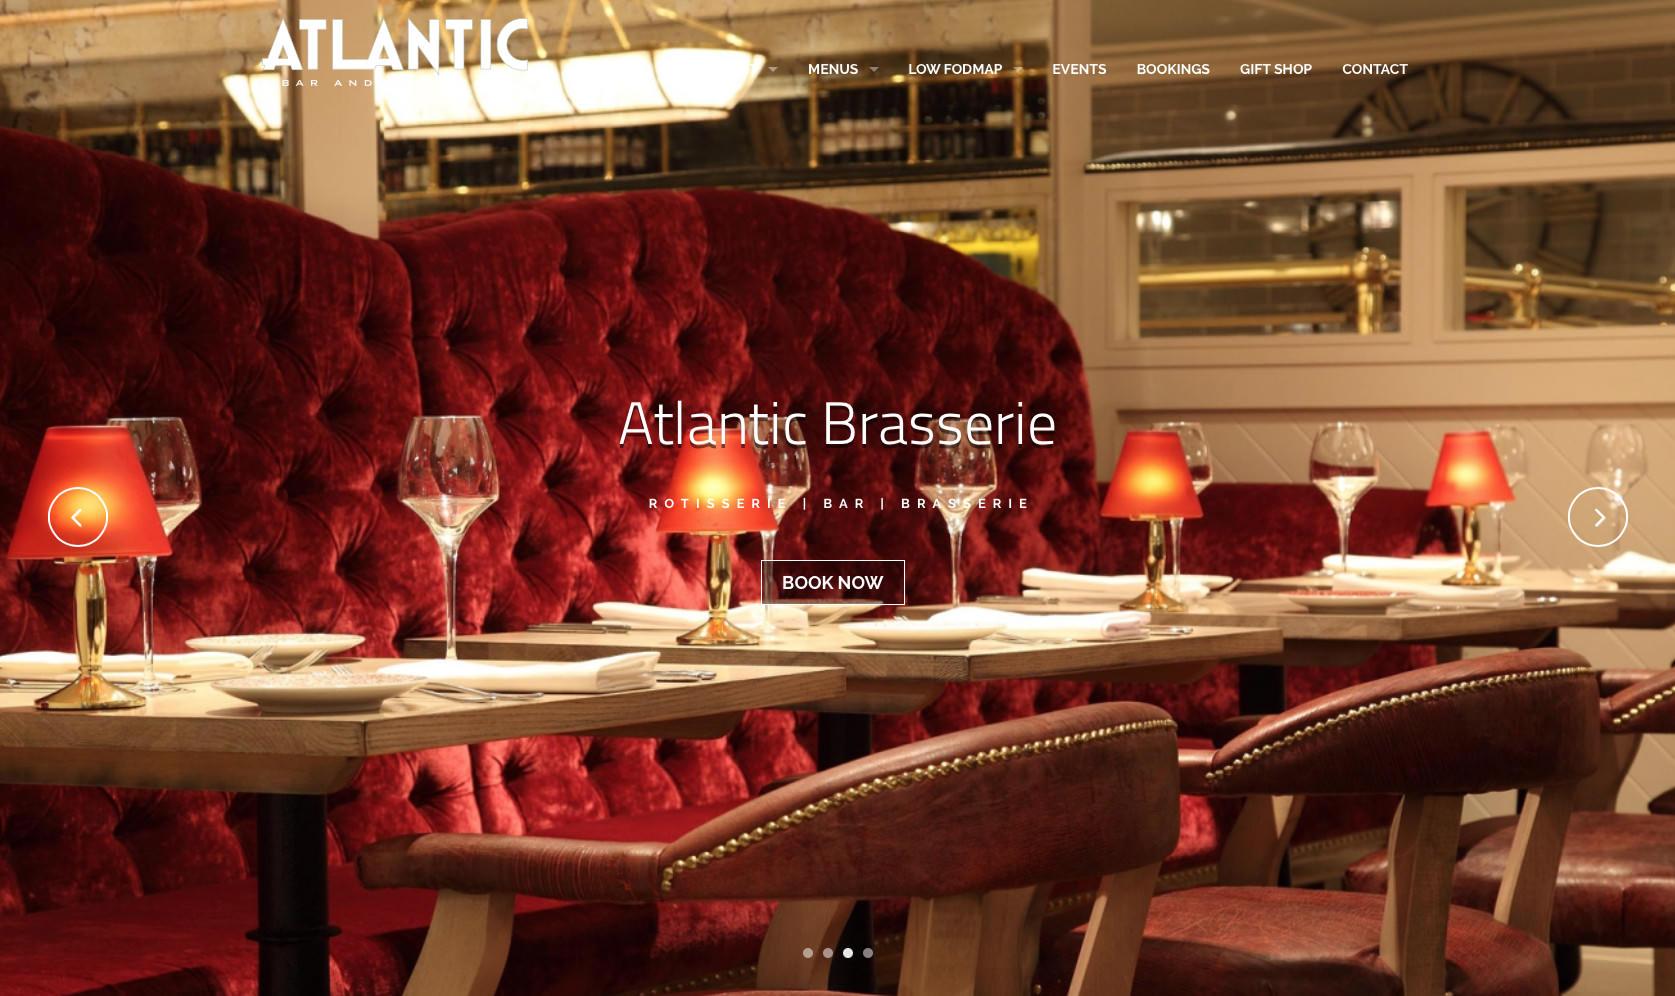 idac-media-website-gallery-shot-5.jpg